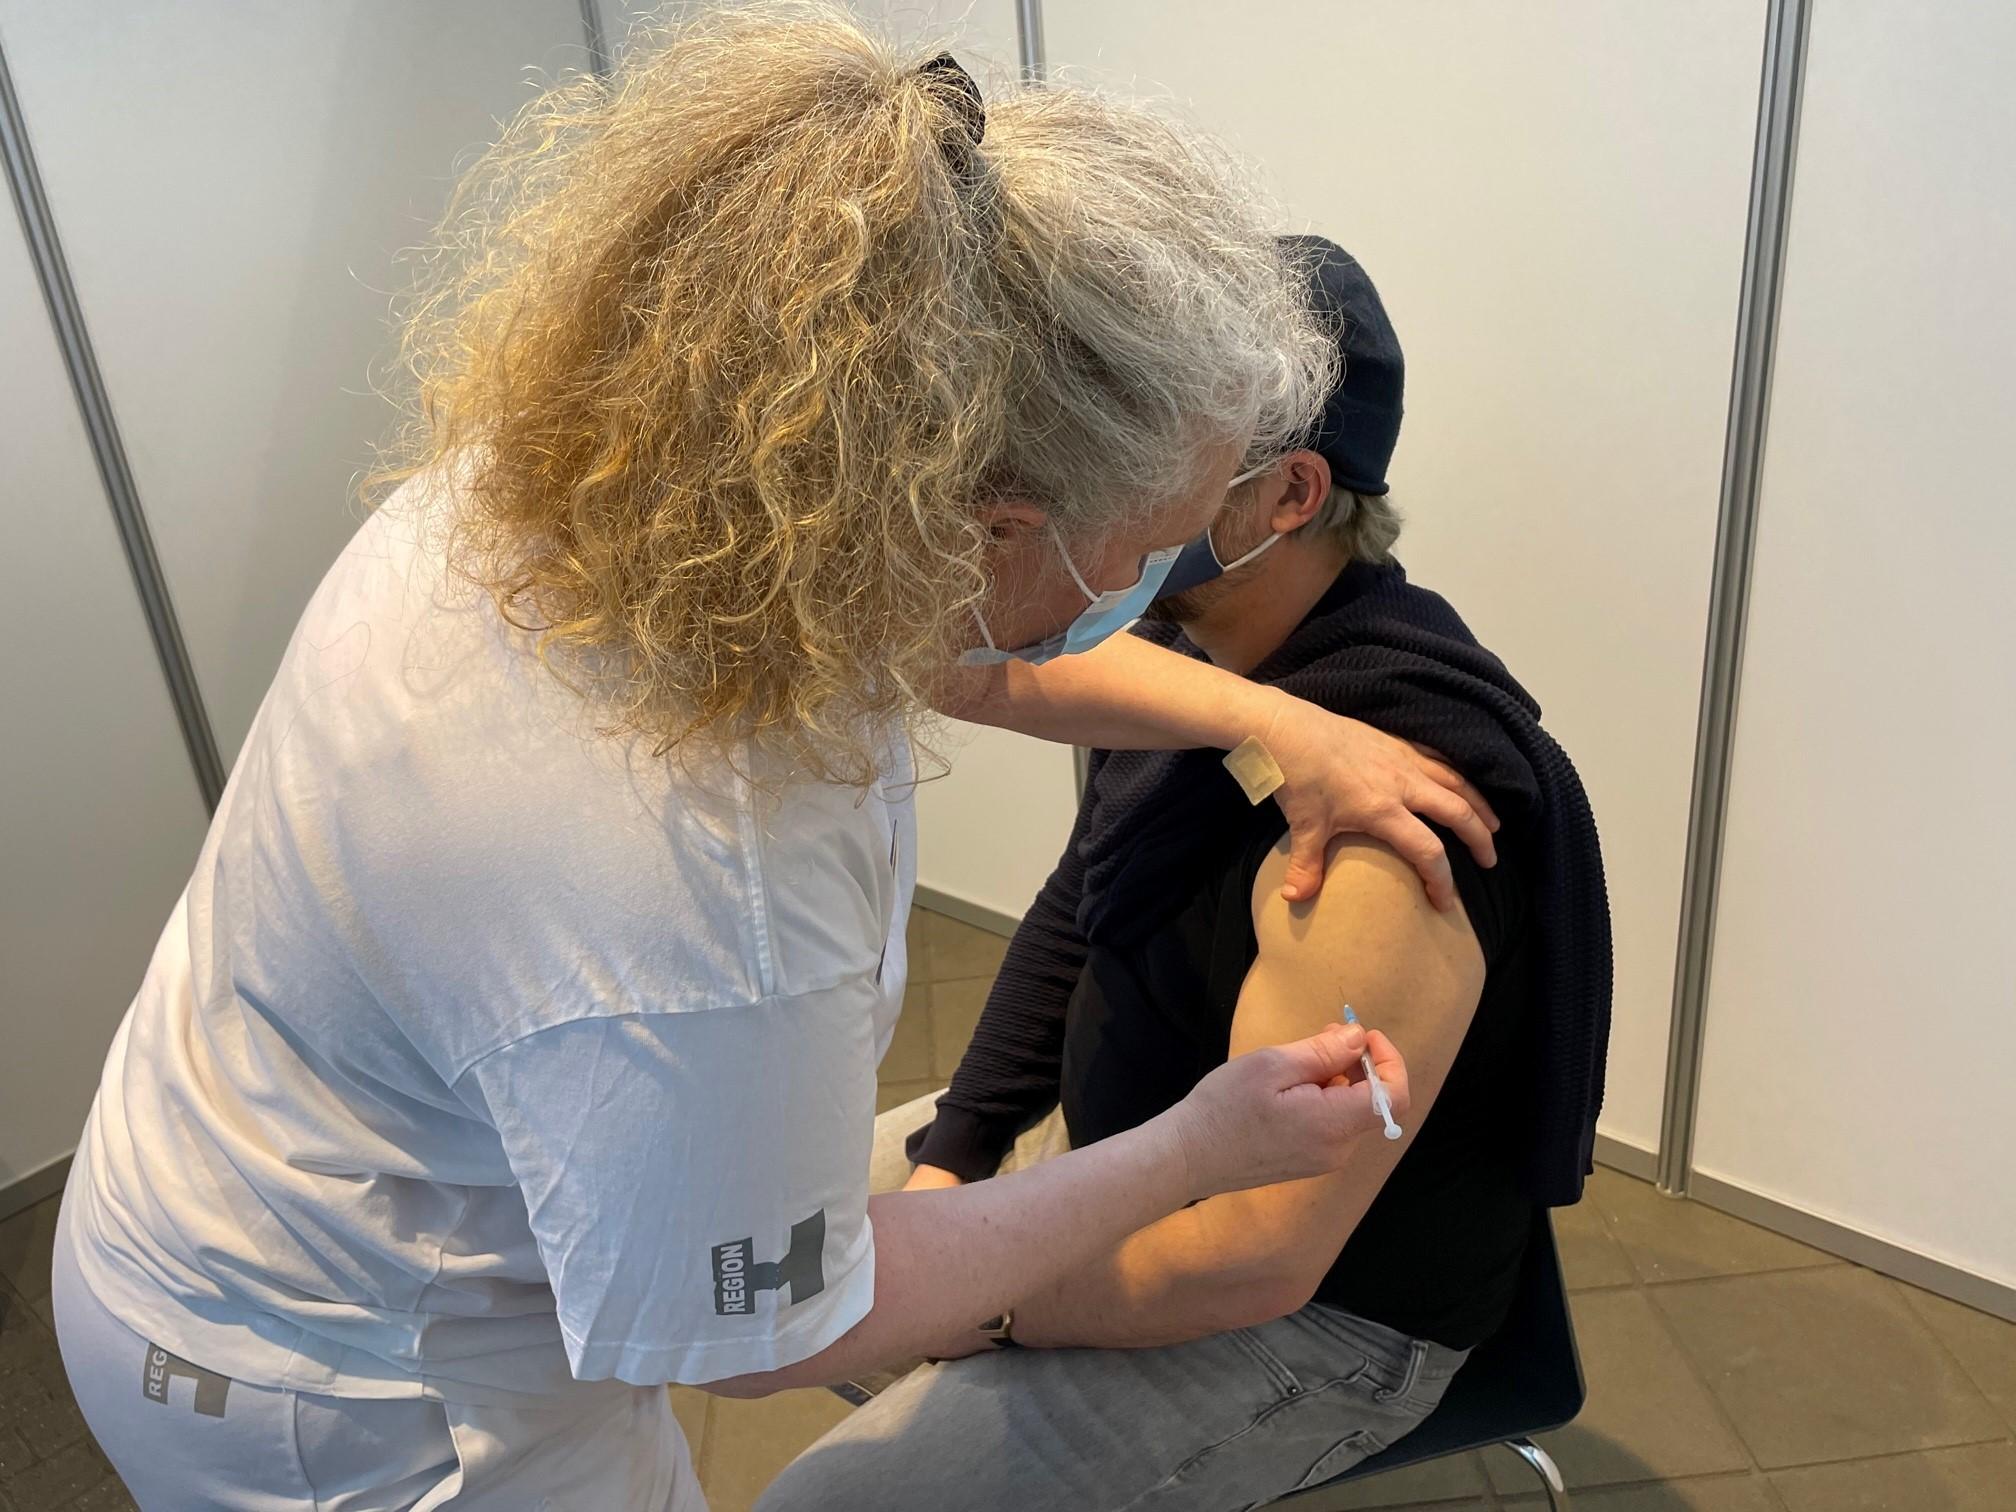 Umiddelbart kan danske arbejdsgivere ikke stille krav om, at en medarbejder skal være coronavaccineret, men der kan være undtagelsestilfælde, siger advokat i DRF. Arkivpressefoto: Region Hovedstaden.